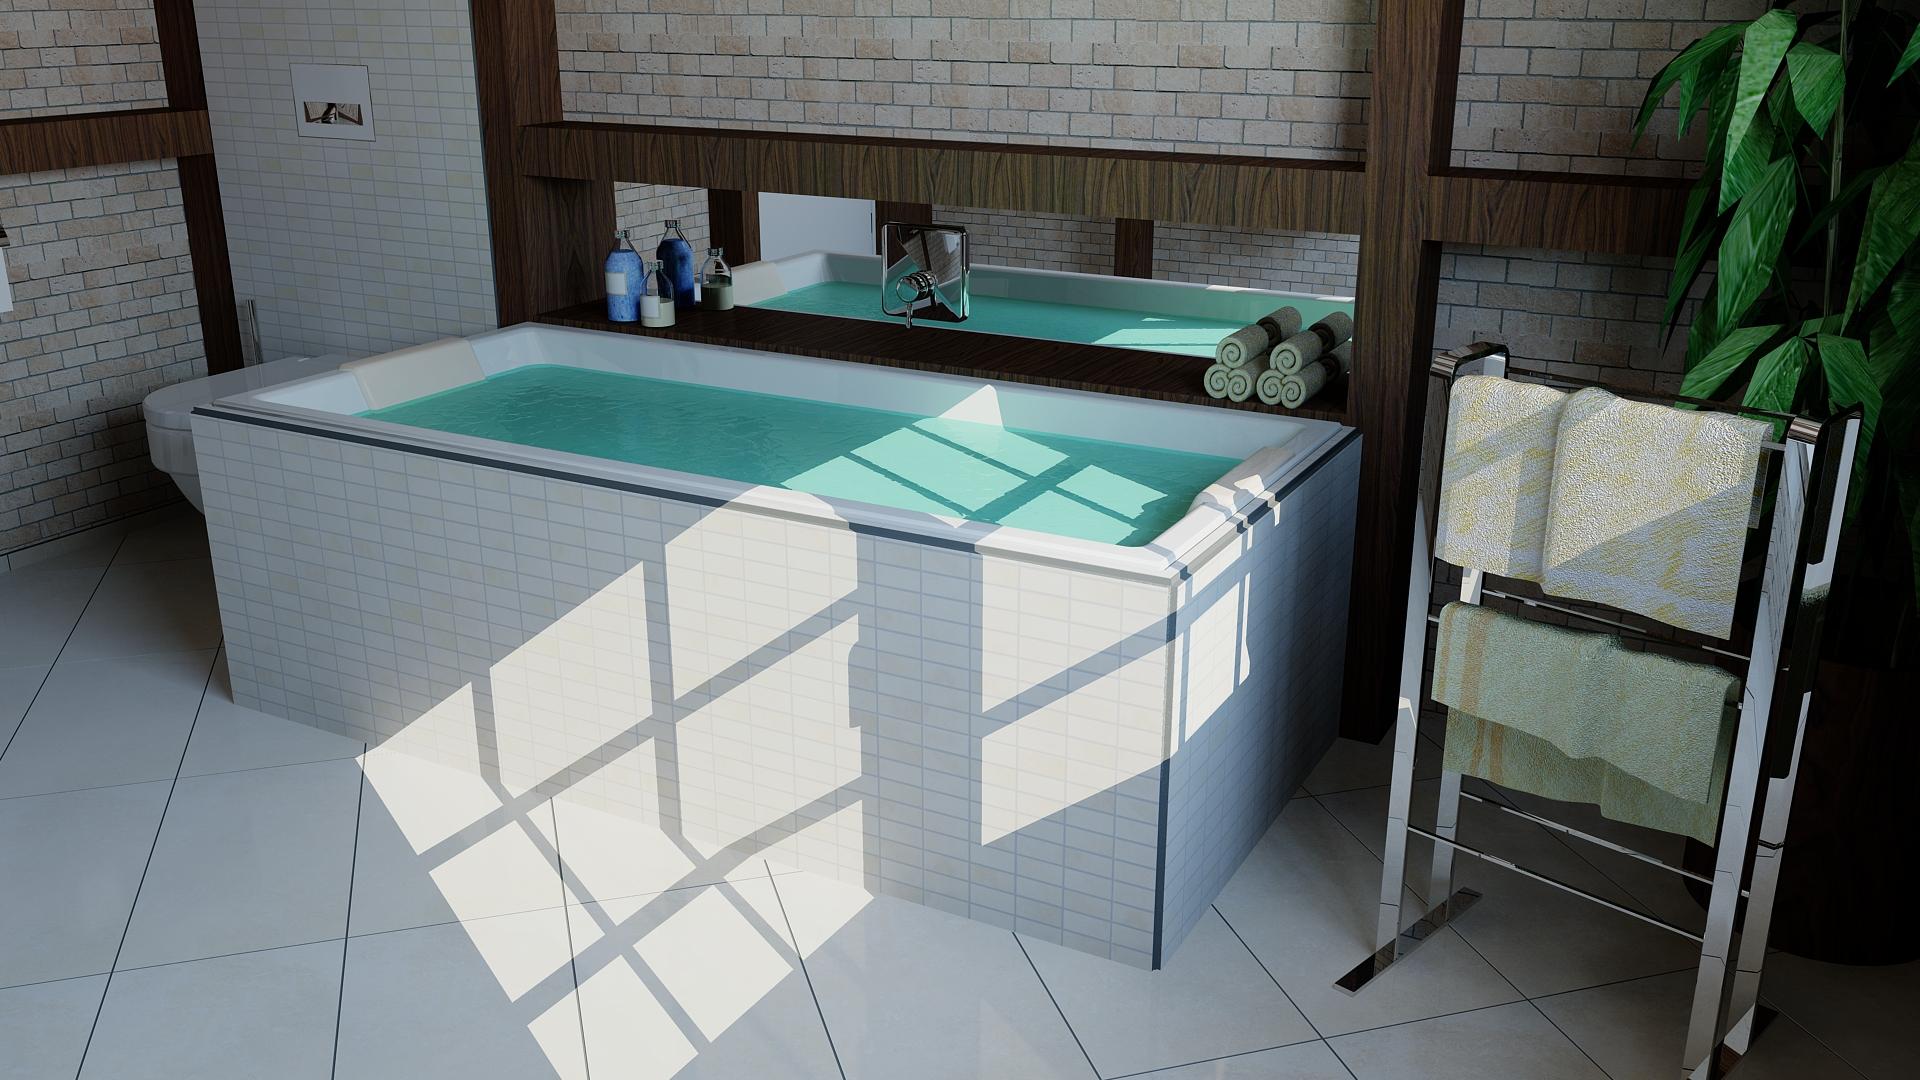 gerd nolte heizung & sanitär – 3d-badplanung, Badezimmer ideen